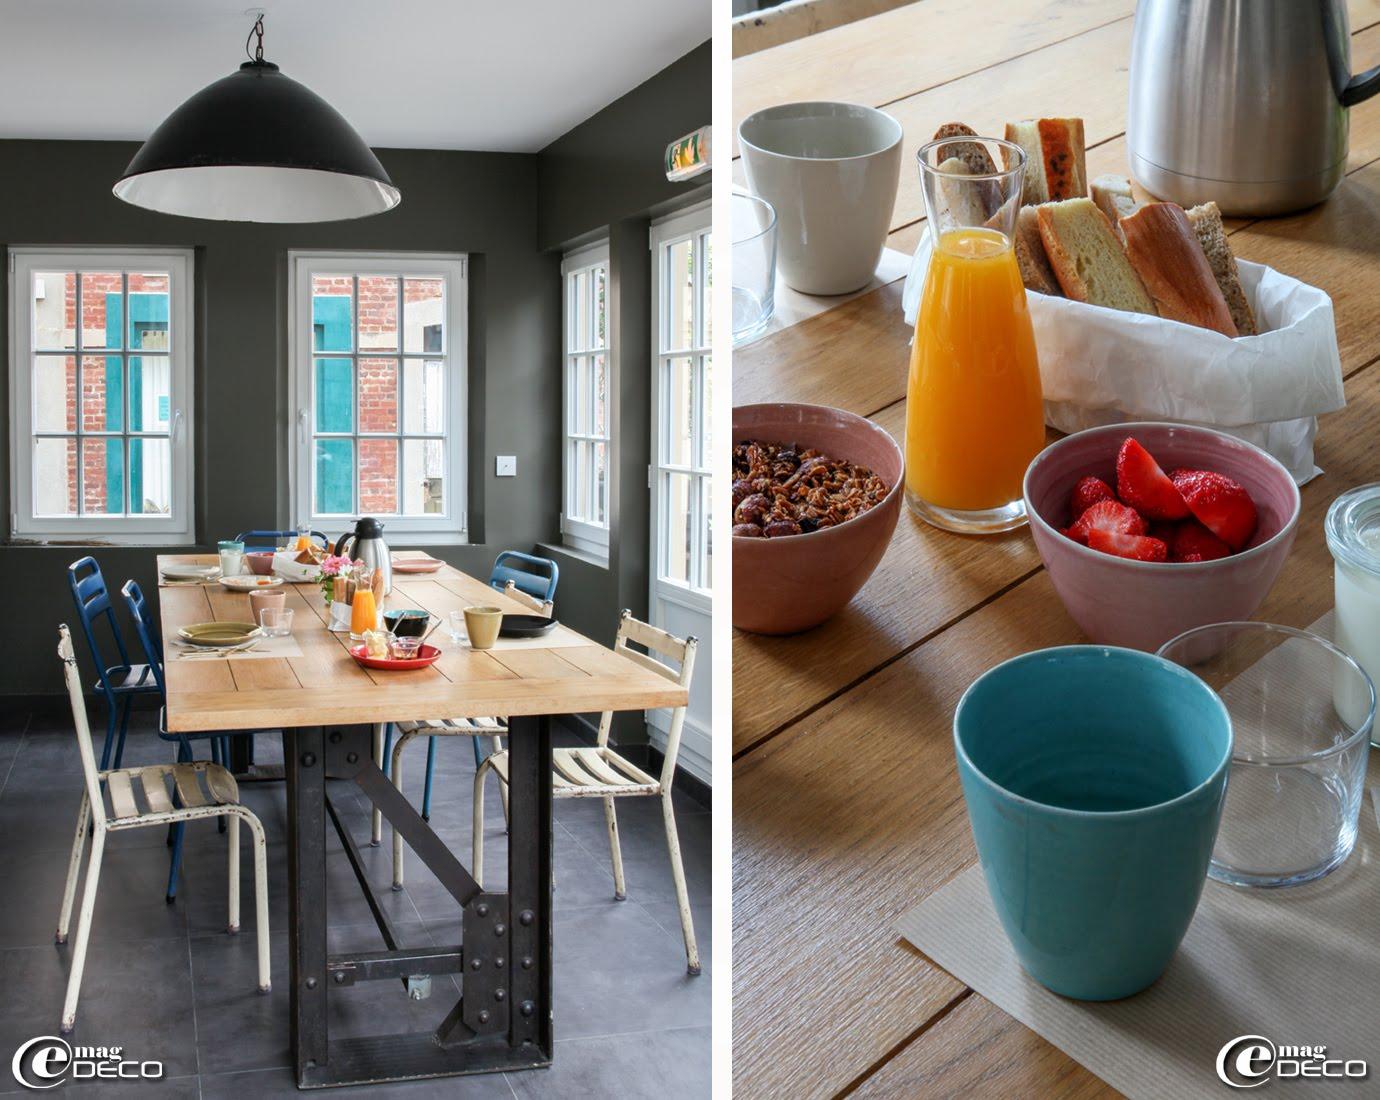 Dans 'Le Cottage' à Villerville, une table réalisée avec un piètement composé d'éléments de structure métallique d'usine chinés à la brocante 'La Serre Décoration' à Bonneville-la-Louvet